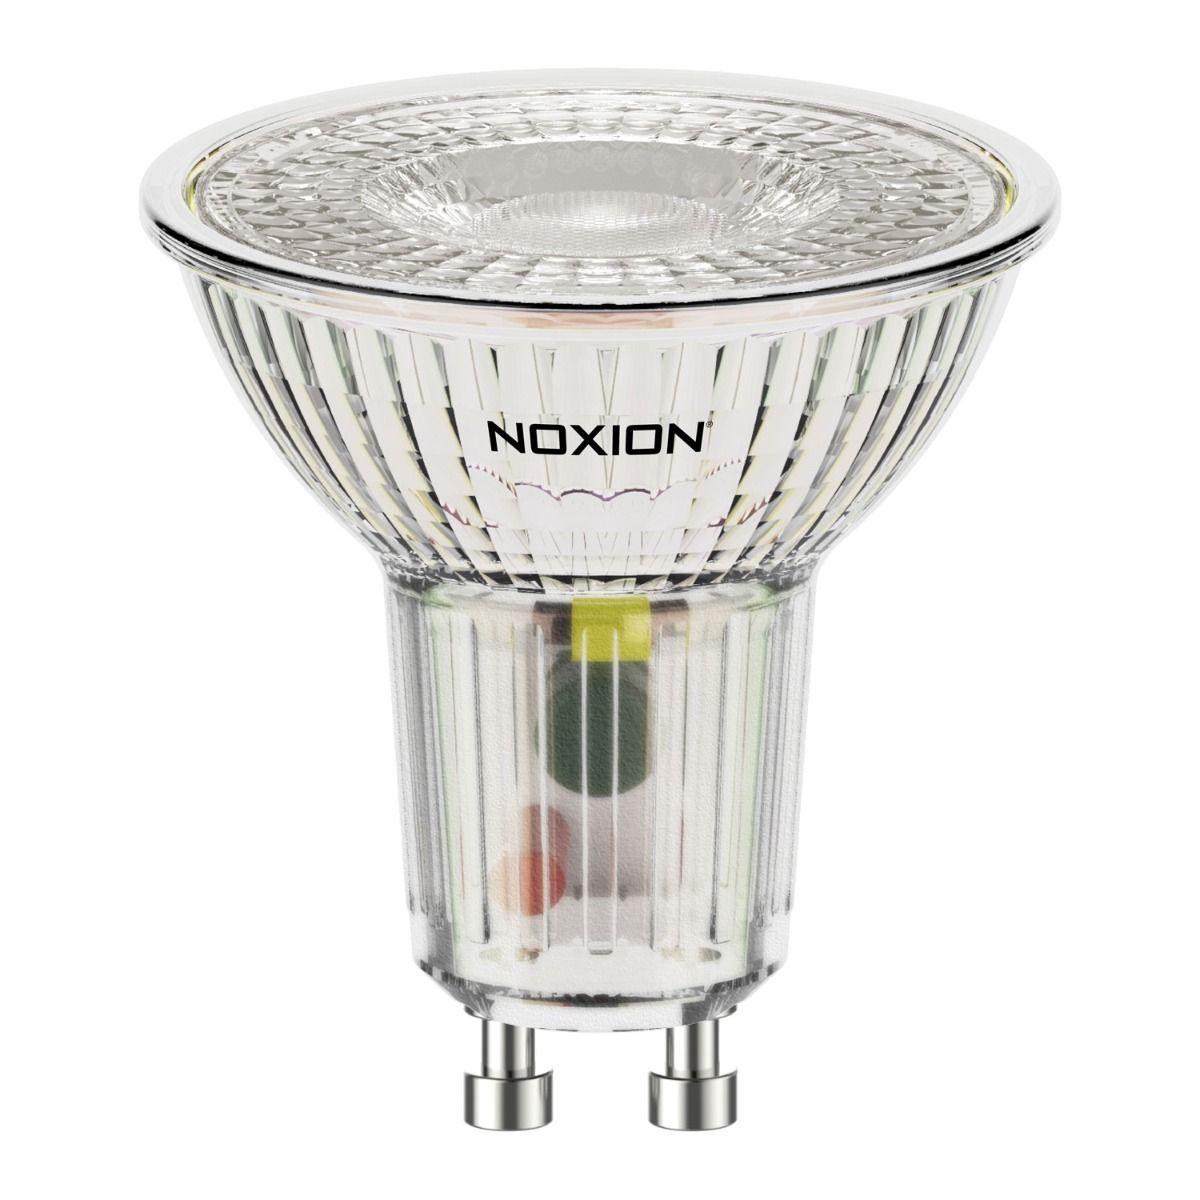 Noxion Spot LED GU10 4W 840 36D 400lm | Blanc Froid - Substitut 50W